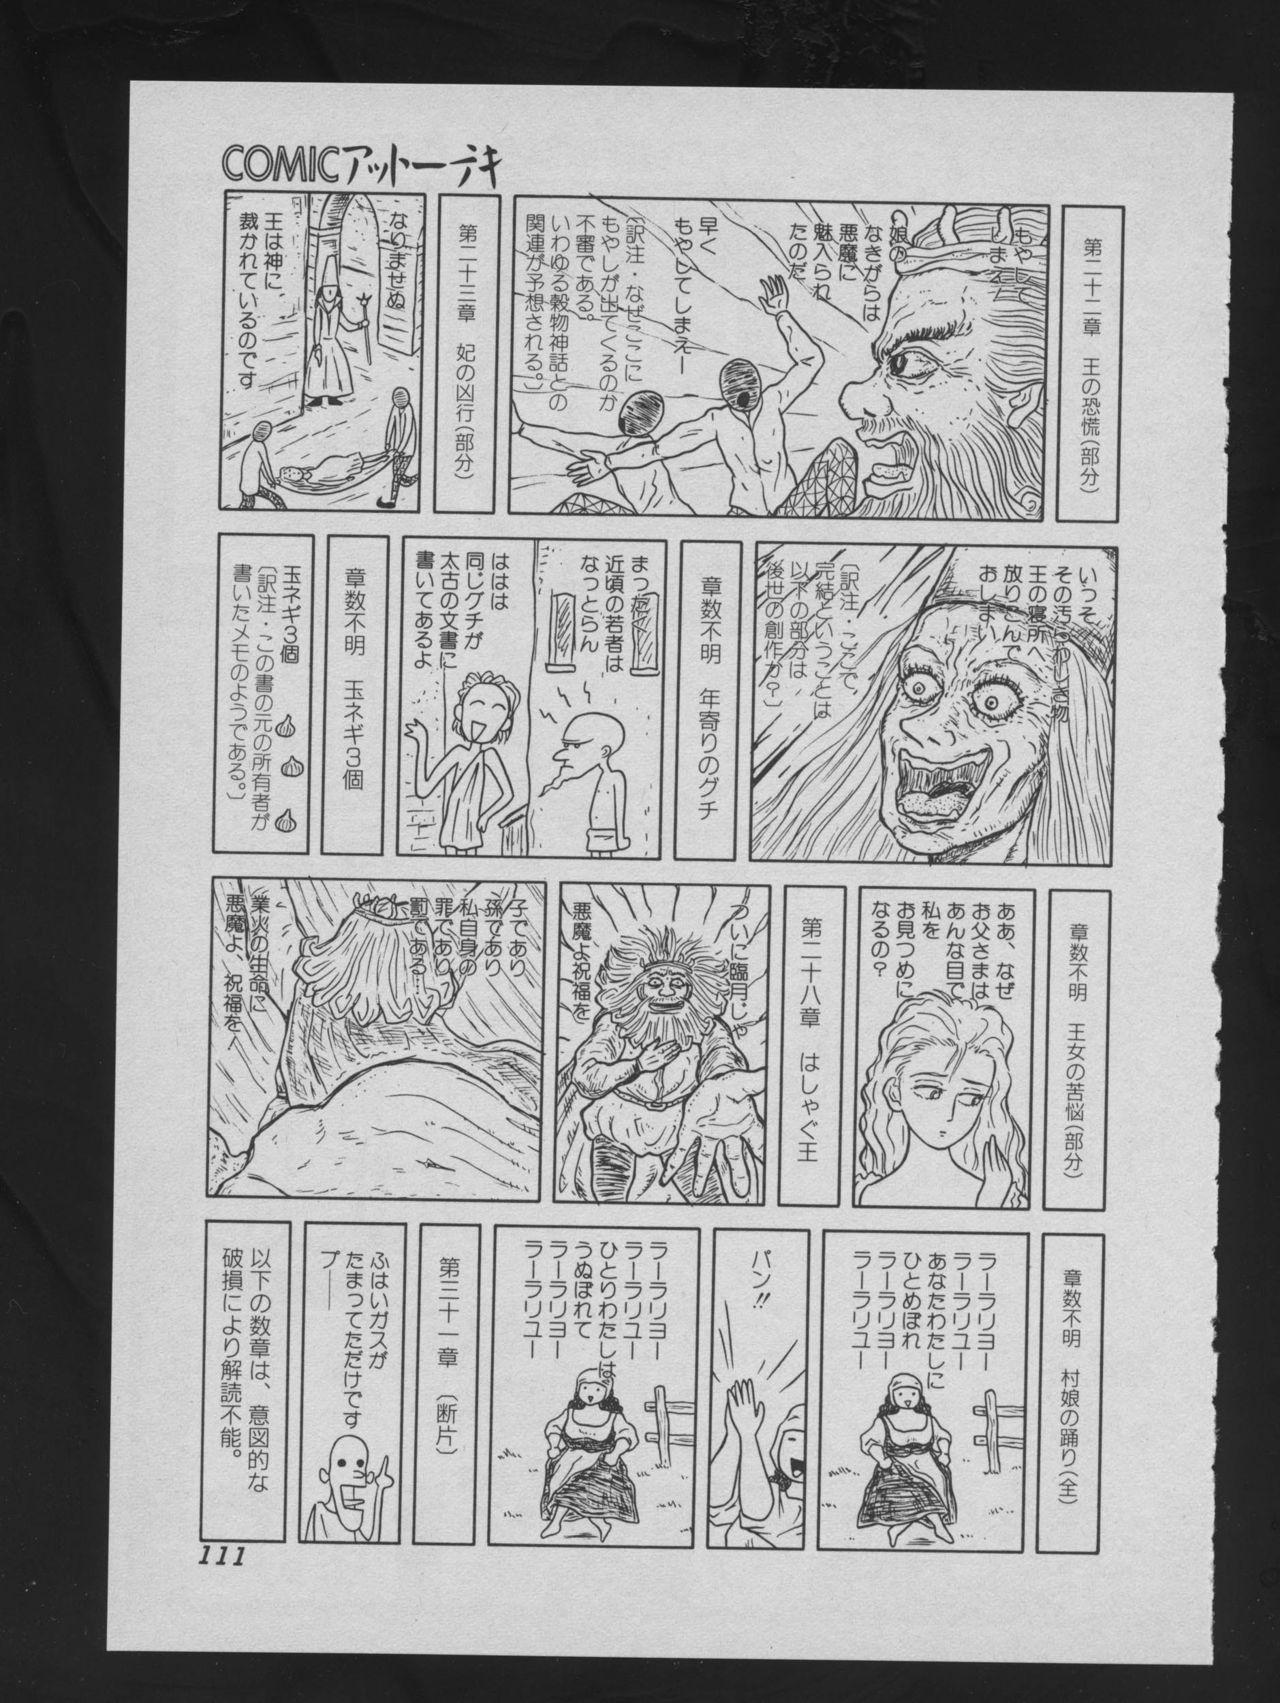 COMIC ATTOTEKI 1993-12 112